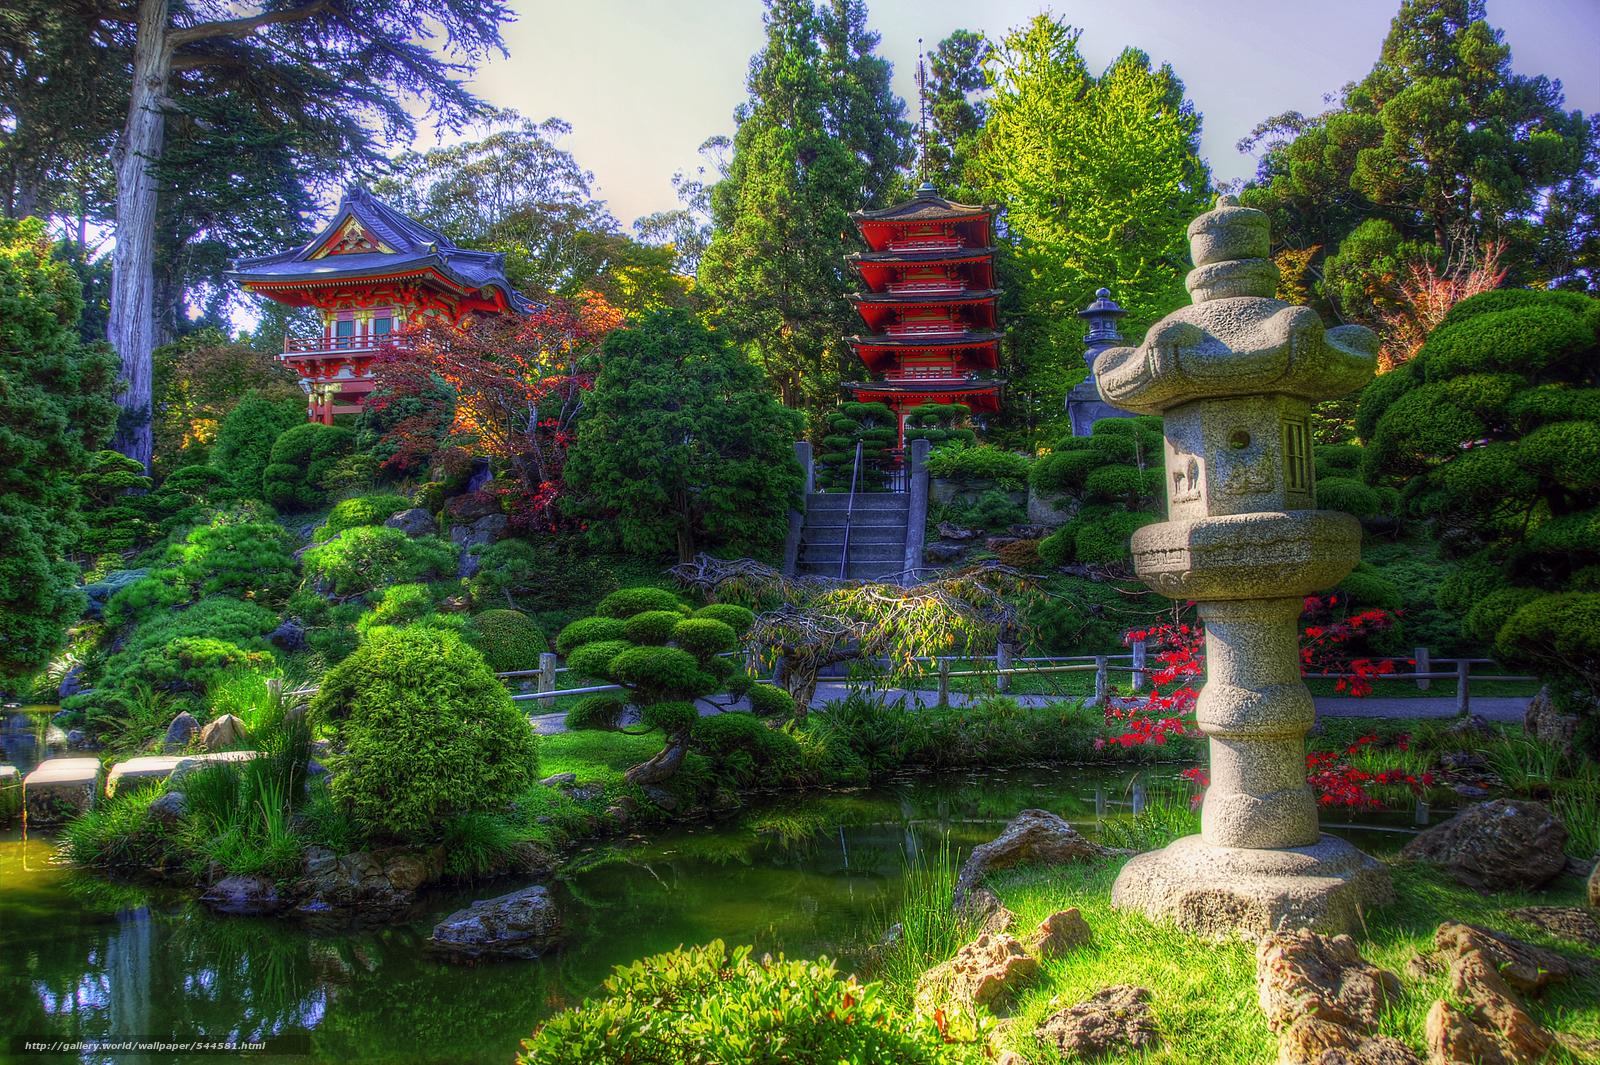 Download Wallpaper San Francisco California Japanese Tea Garden Japanese Garden Free Desktop